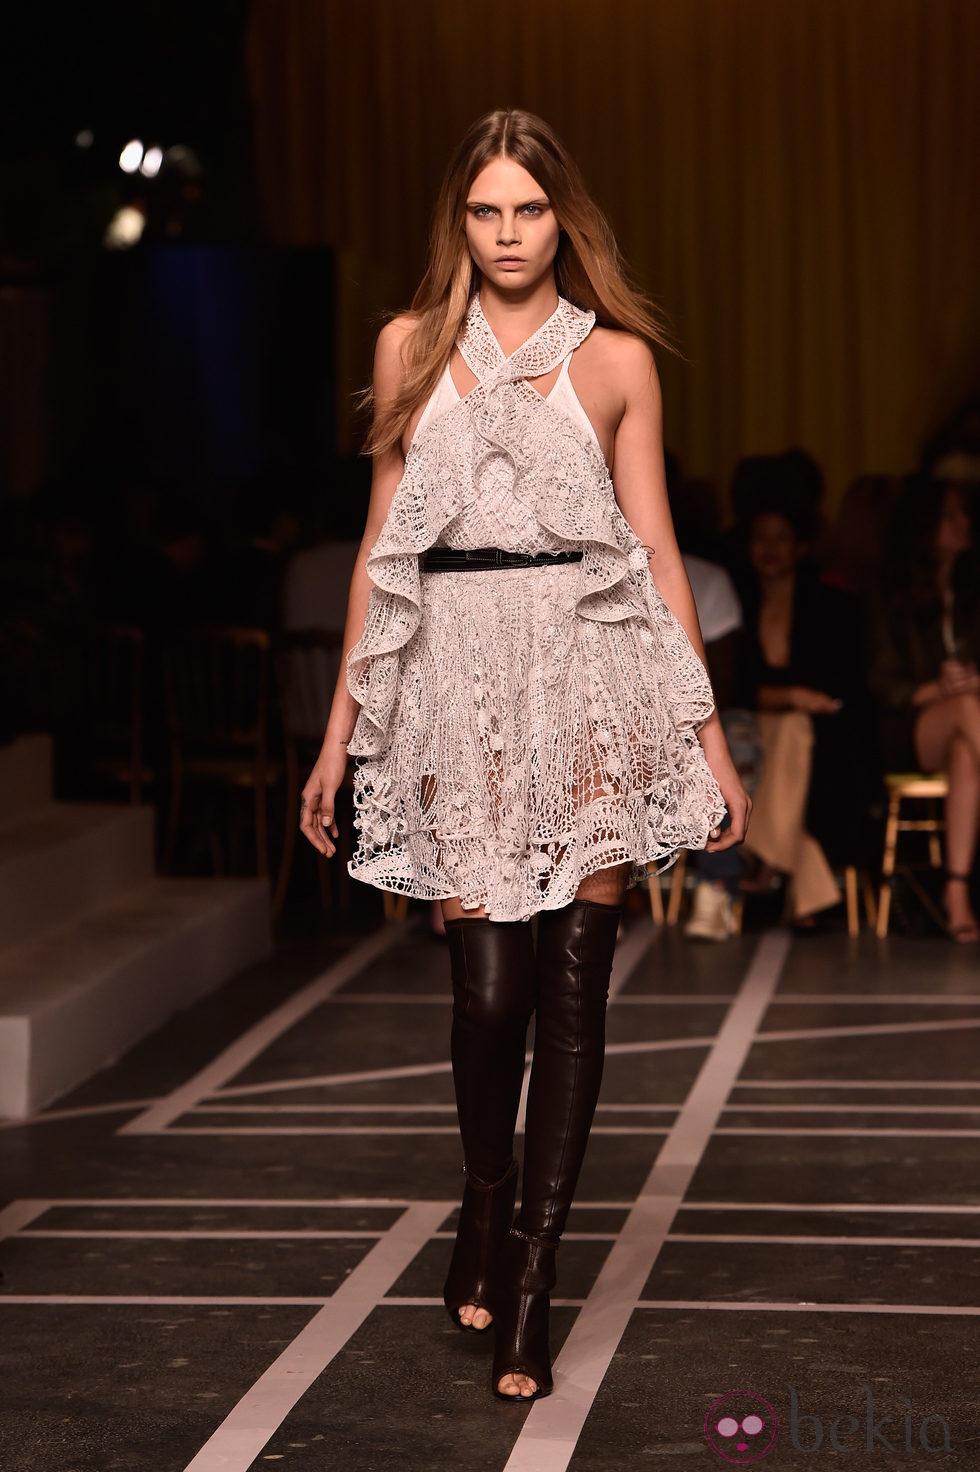 Cara Delevingne desfilando para Givenchy en la Semana de la Moda de París primavera/verano 2015